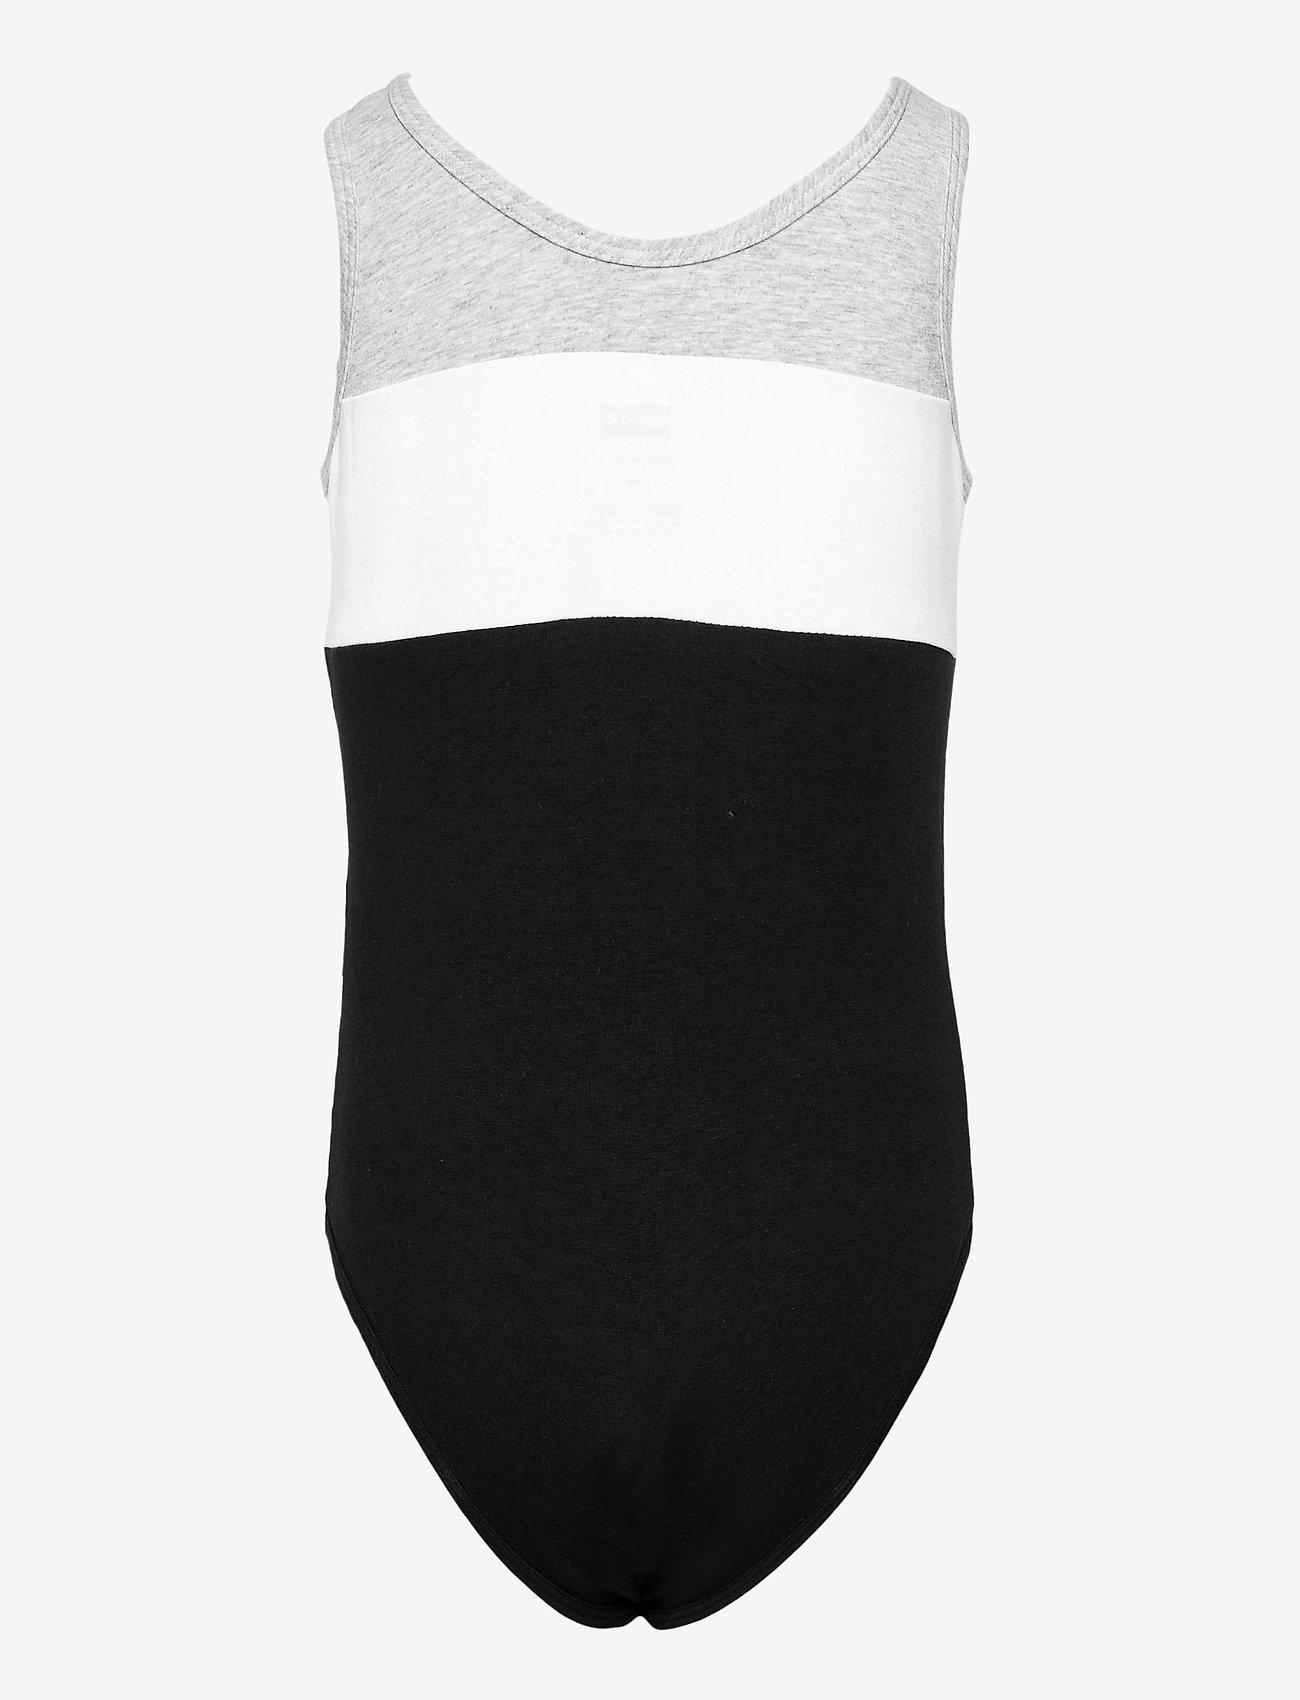 Levi's - LVG TANK BODYSUIT - jumpsuits - black - 1